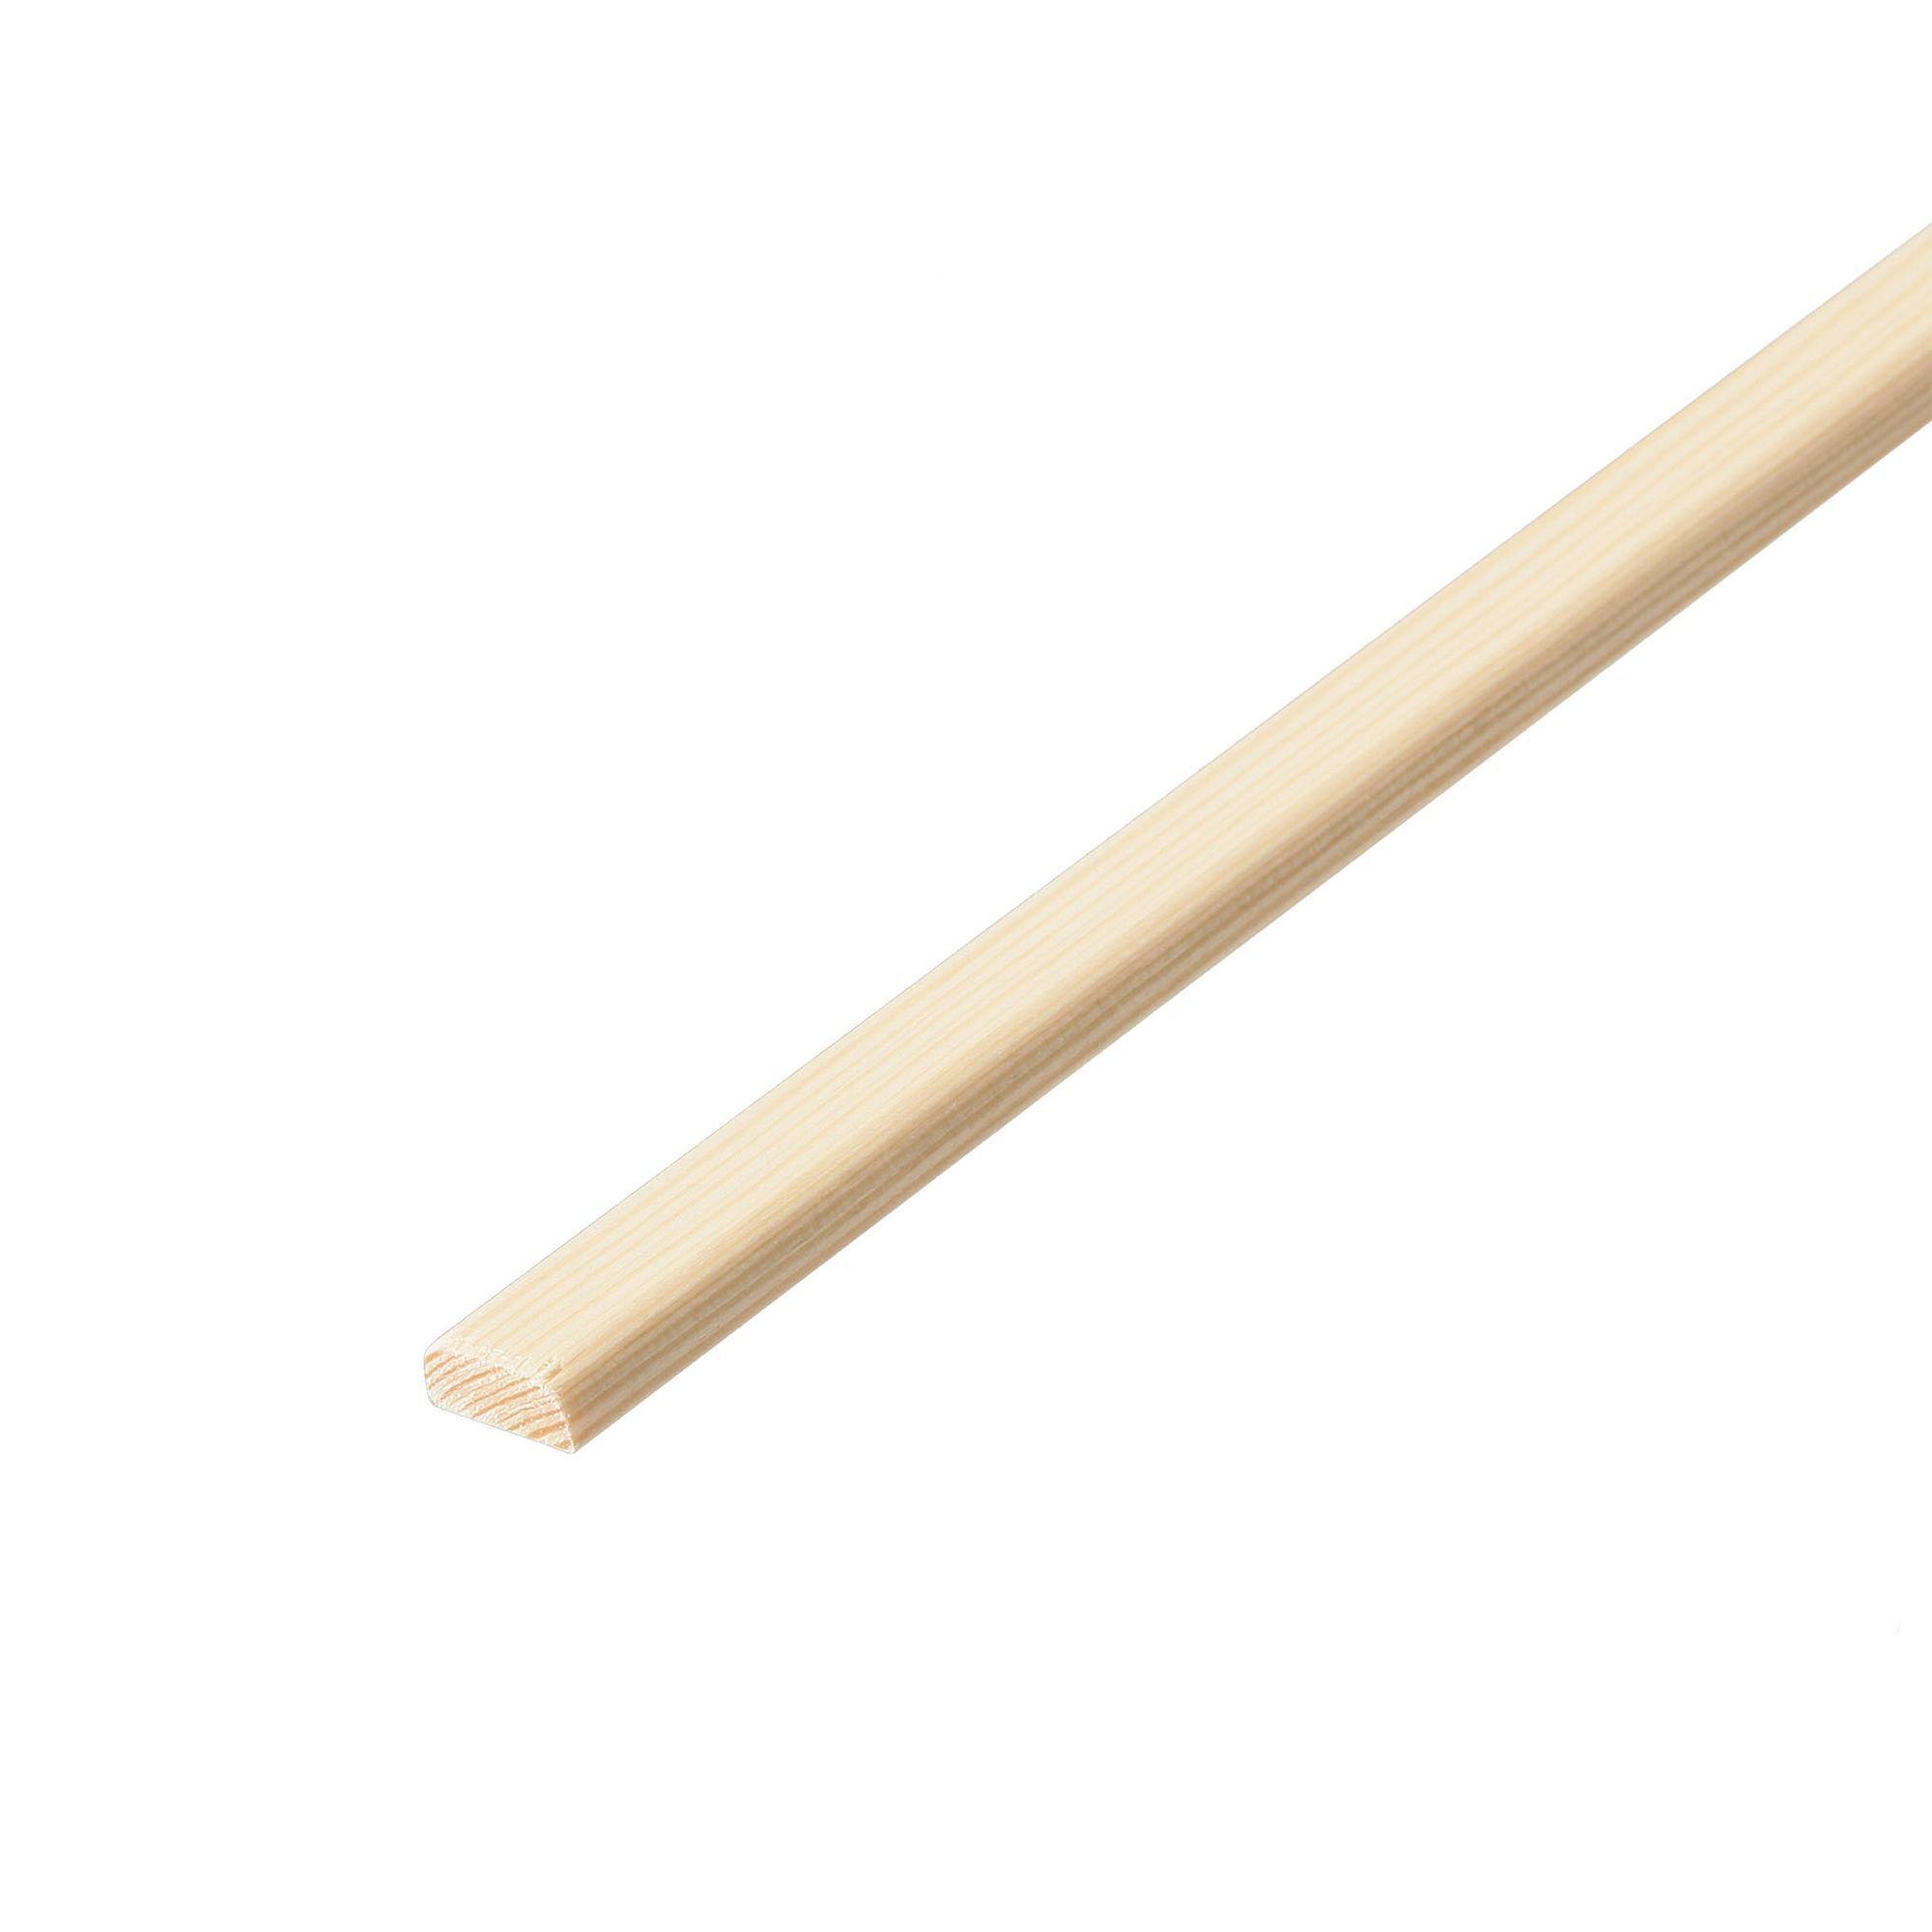 Pine D shape moulding (T)4.5mm (W)13mm (L)2400mm